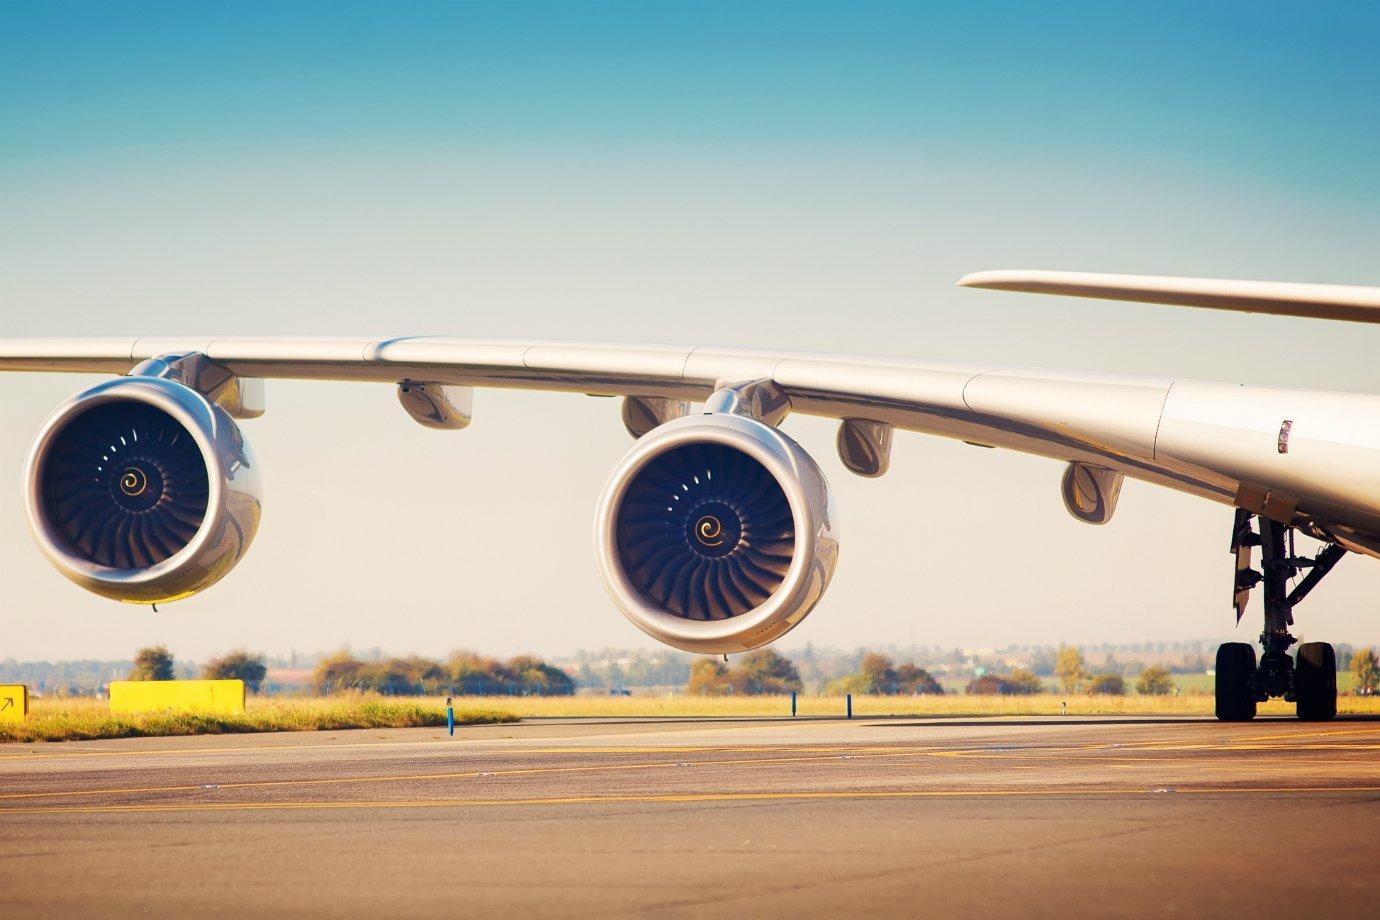 GE e Safran desenvolvem turbina para uma aviação menos poluente